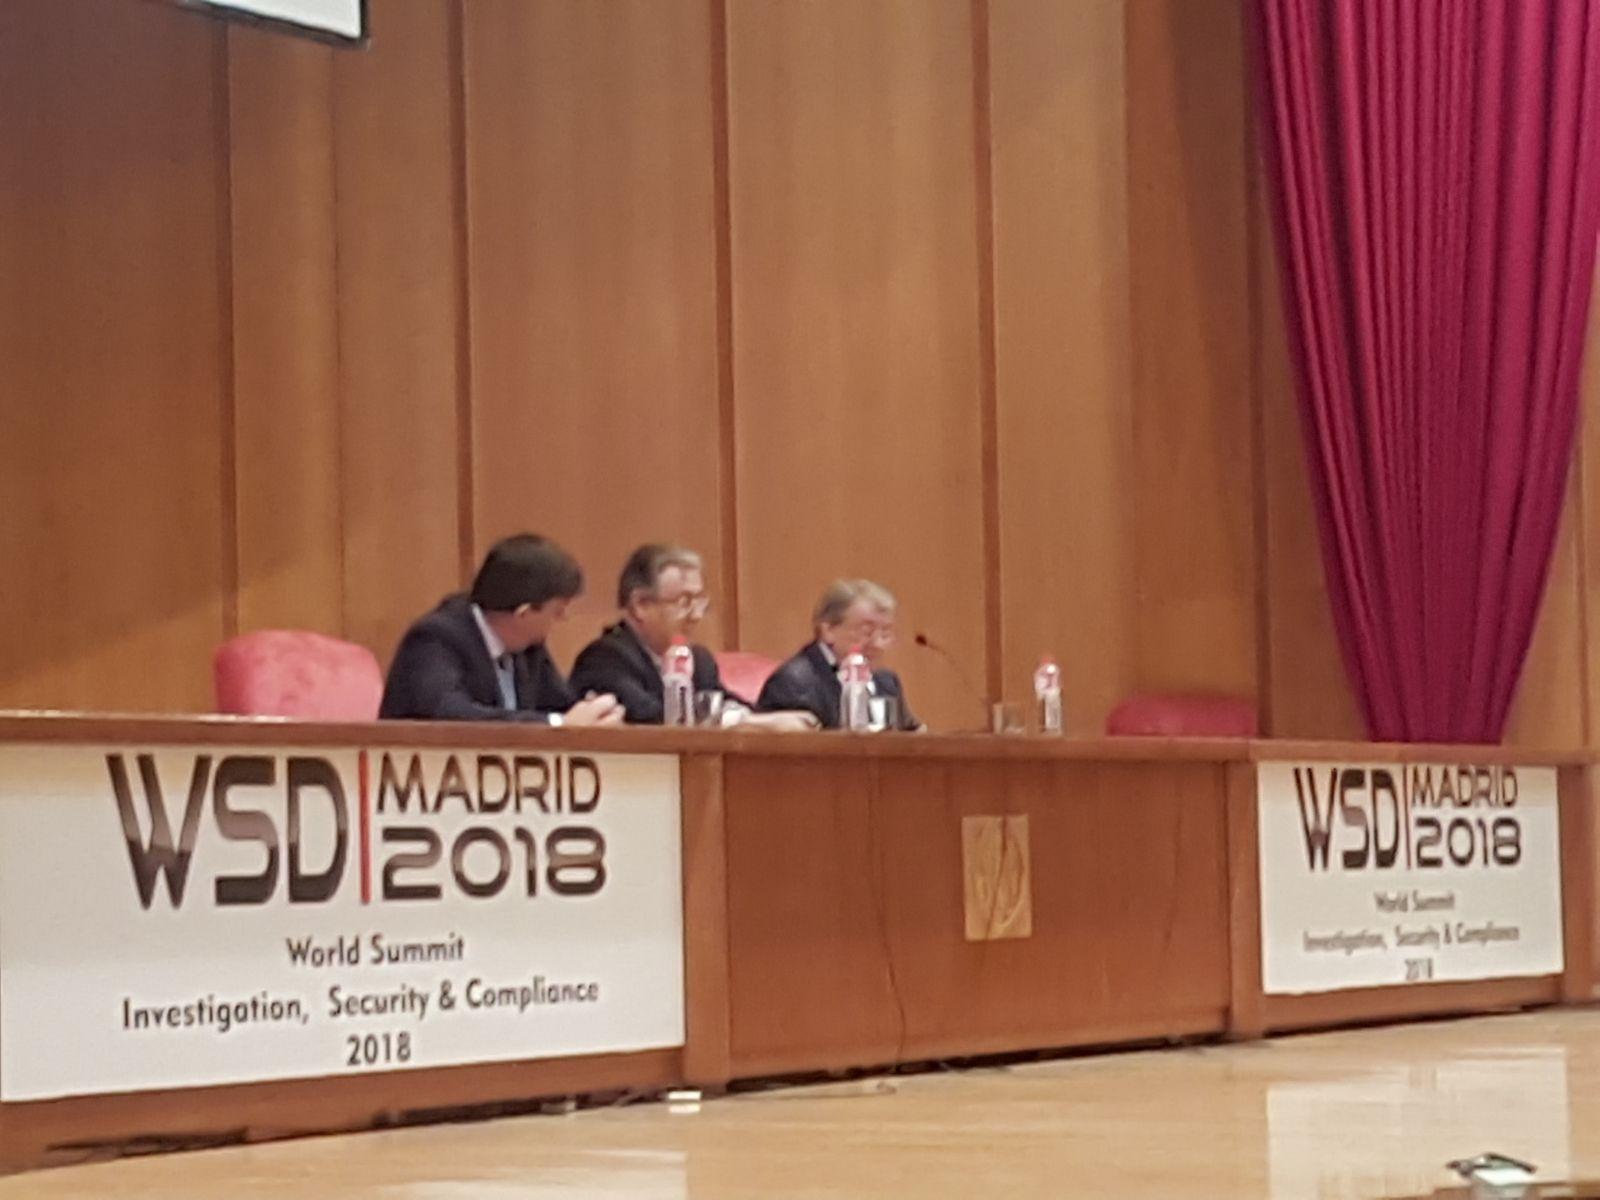 <p>El WSD2018 se ha celebrado en el Gran Anfiteatro Ramón y Cajal, de la Facultad de Medicina de la Universidad Complutense de Madrid, en la Ciudad Universitaria de Madrid. El acto de inauguración contó con la presencia del Ministro del Interior Juan Ignacio Zoido y los Directores Generales de la […]</p>